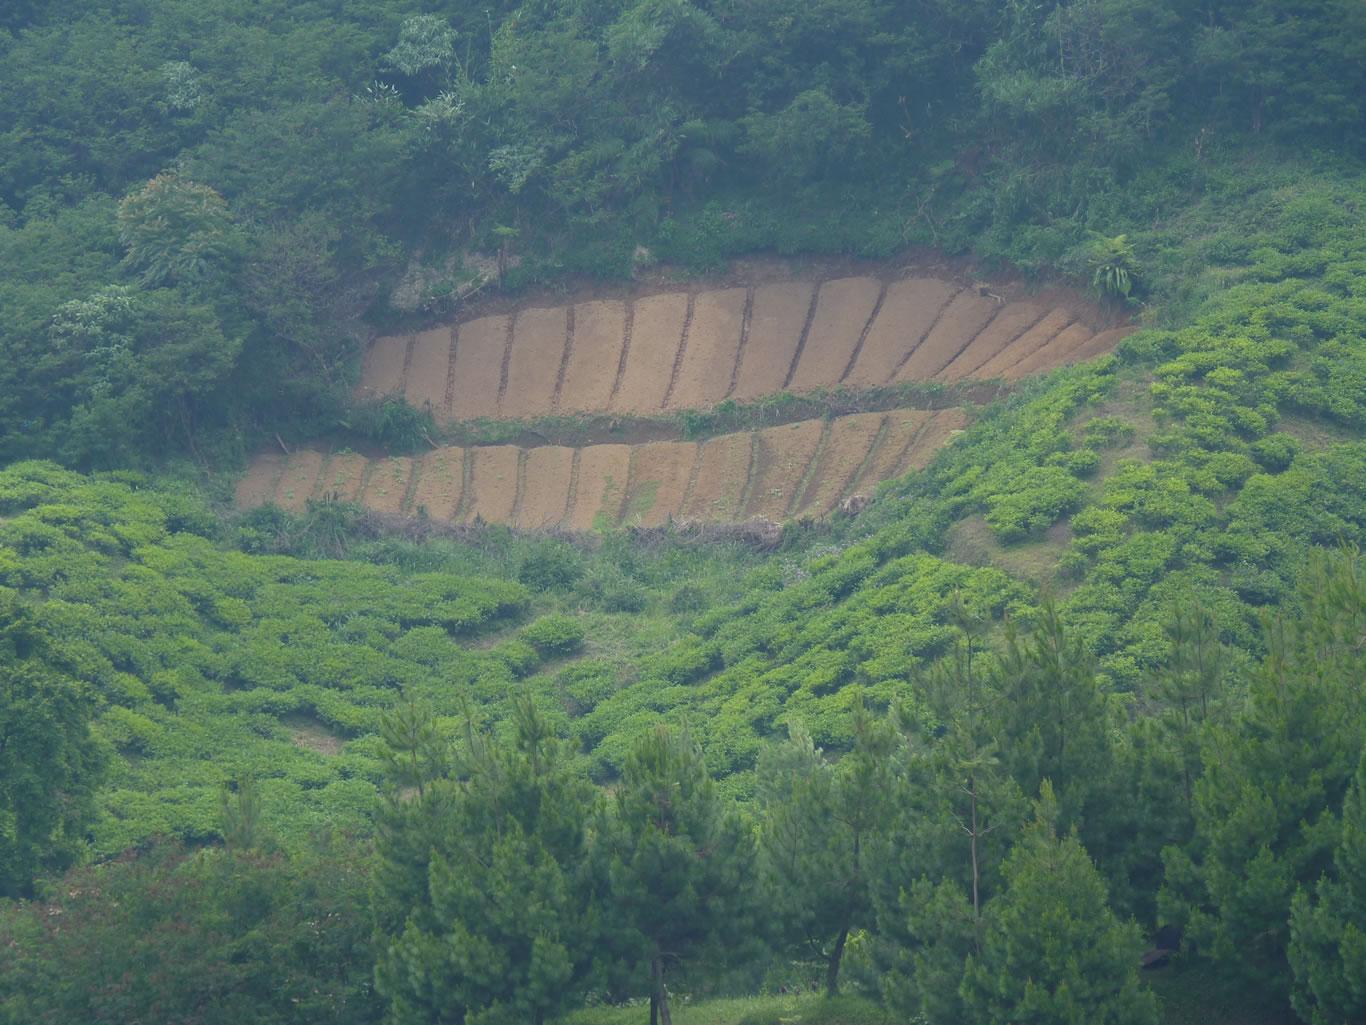 hutan-dirusak-kebun-teh-meluas-yang-ada-banjir-dan-erosi-dari-hulu-sampai-hilir